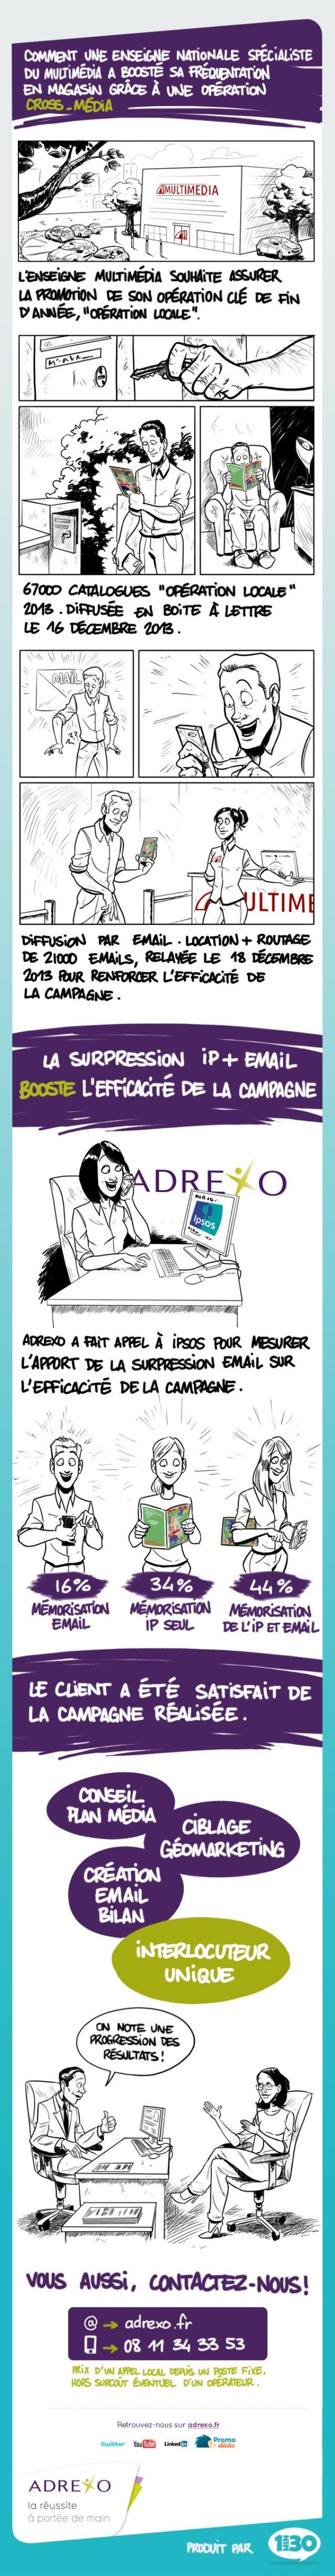 Infographie - Boostez l'efficacité de votre campagne avec l'email et le sms - Adrexo